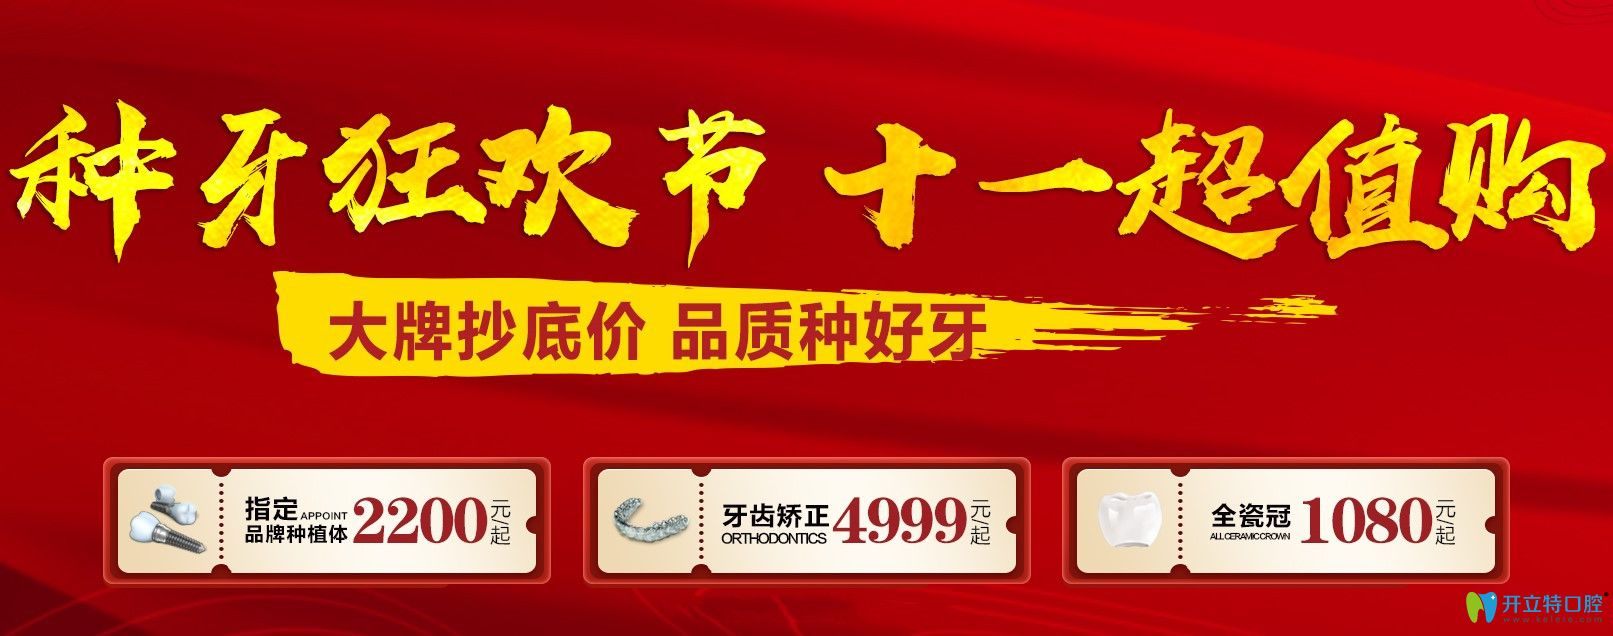 重庆牙博士口腔金秋十月种植牙狂欢节日价格表来袭